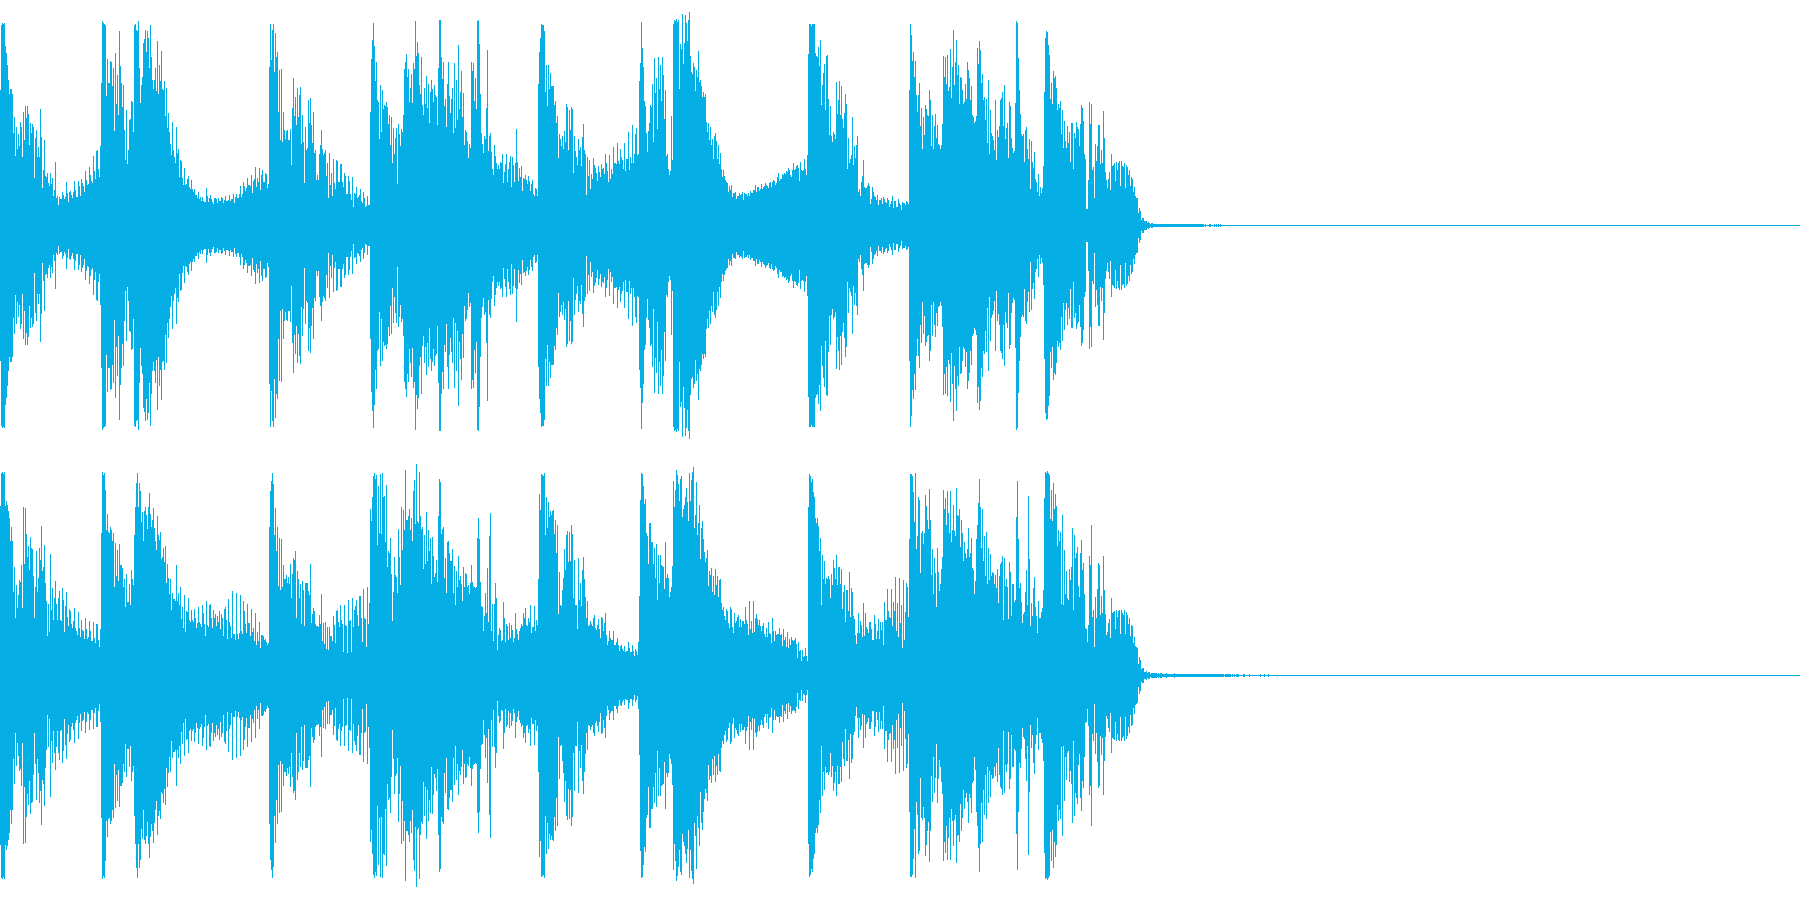 バーチャル空間のジングルの再生済みの波形